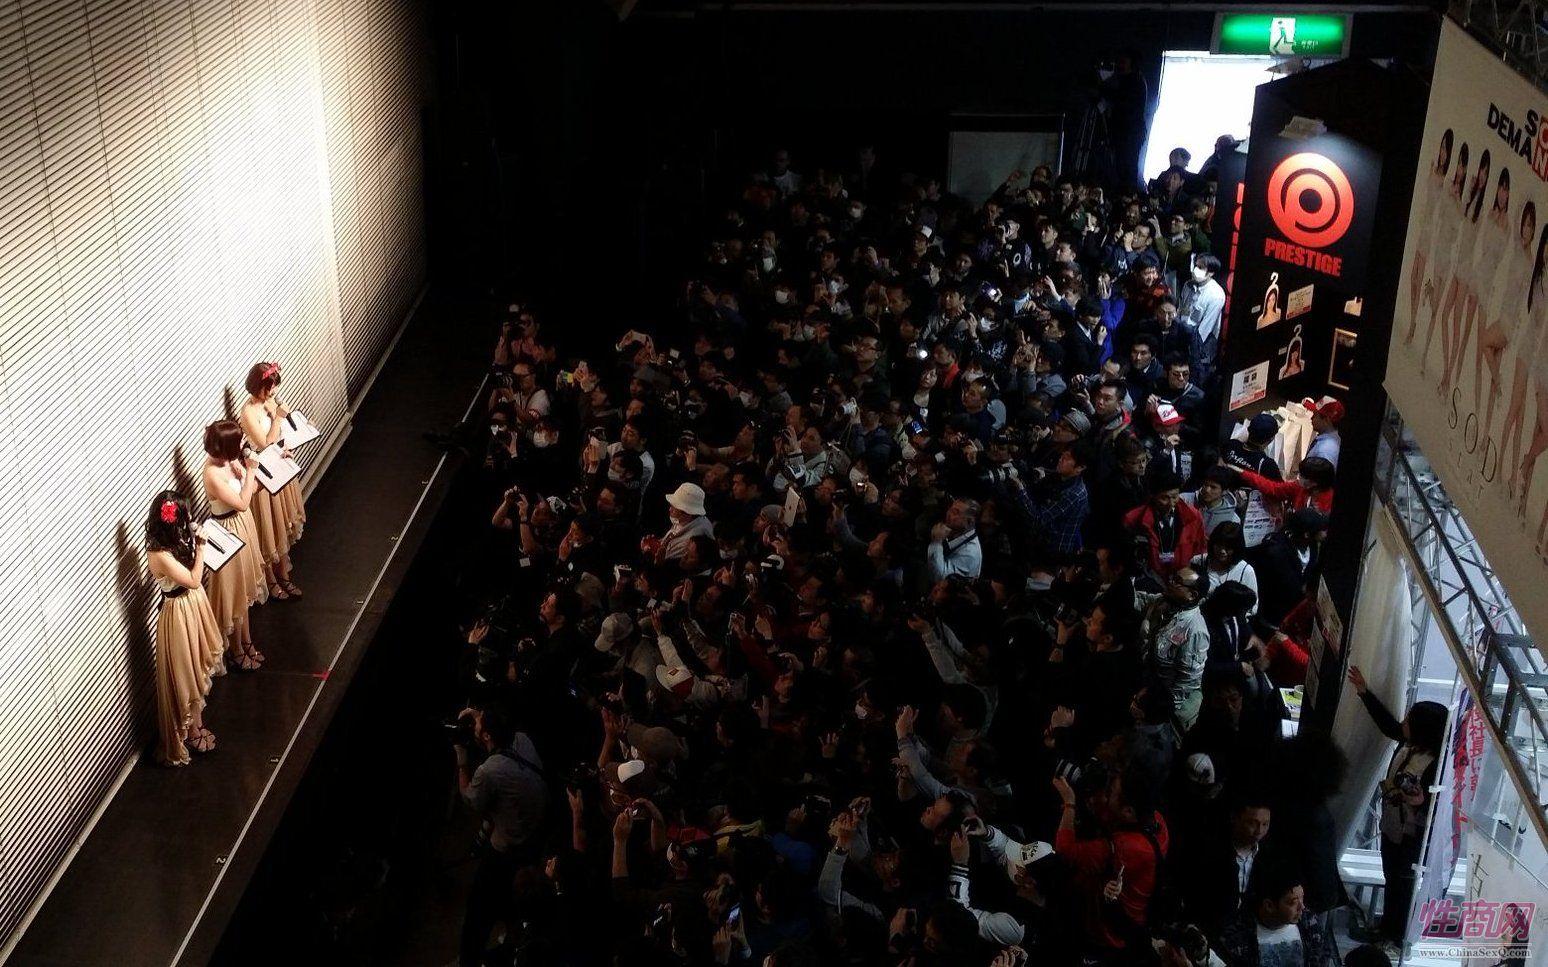 2016日本成人展JapanAdultExpo展会现场2图片1